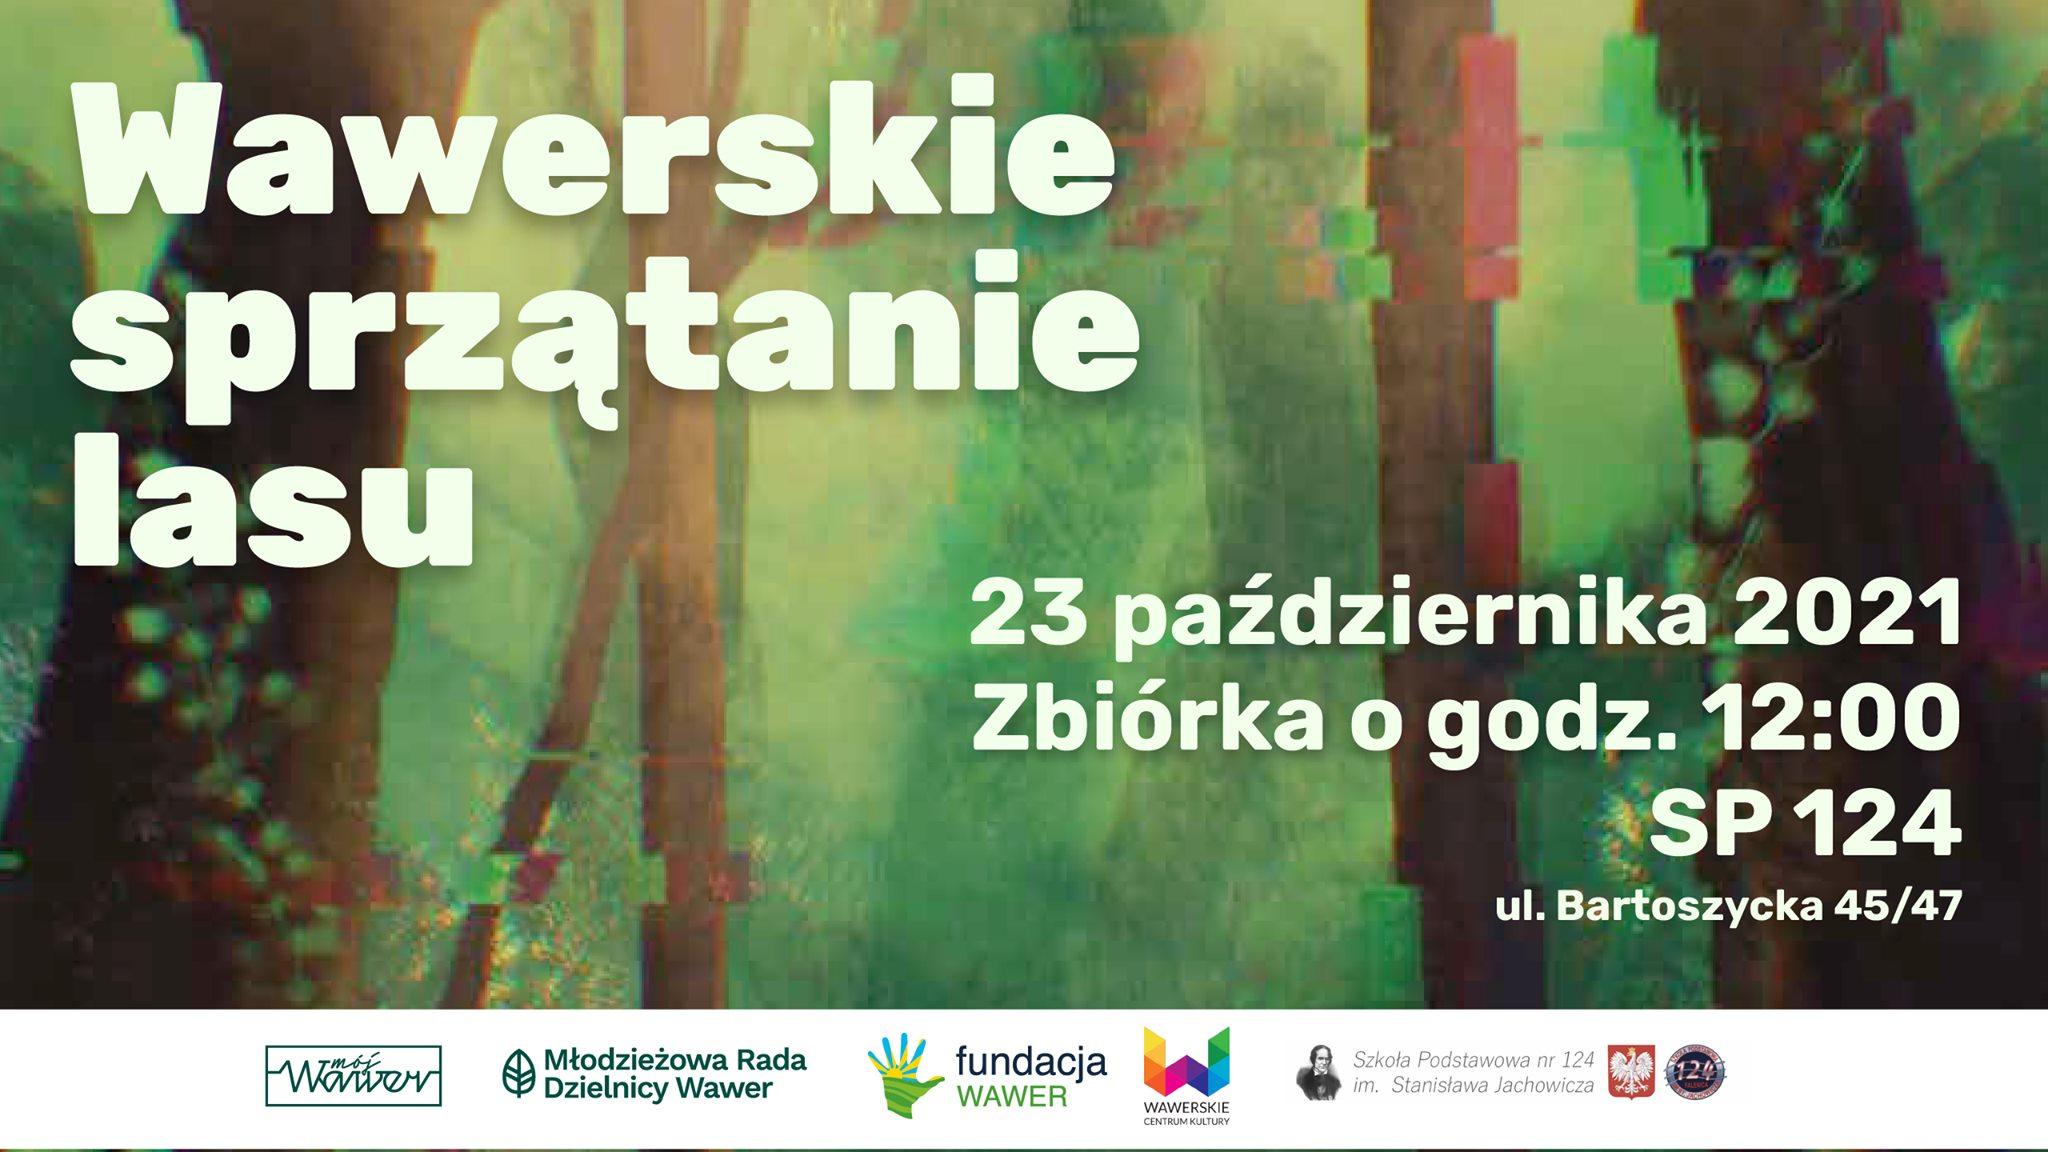 Wawerskie Sprzątanie Lasu